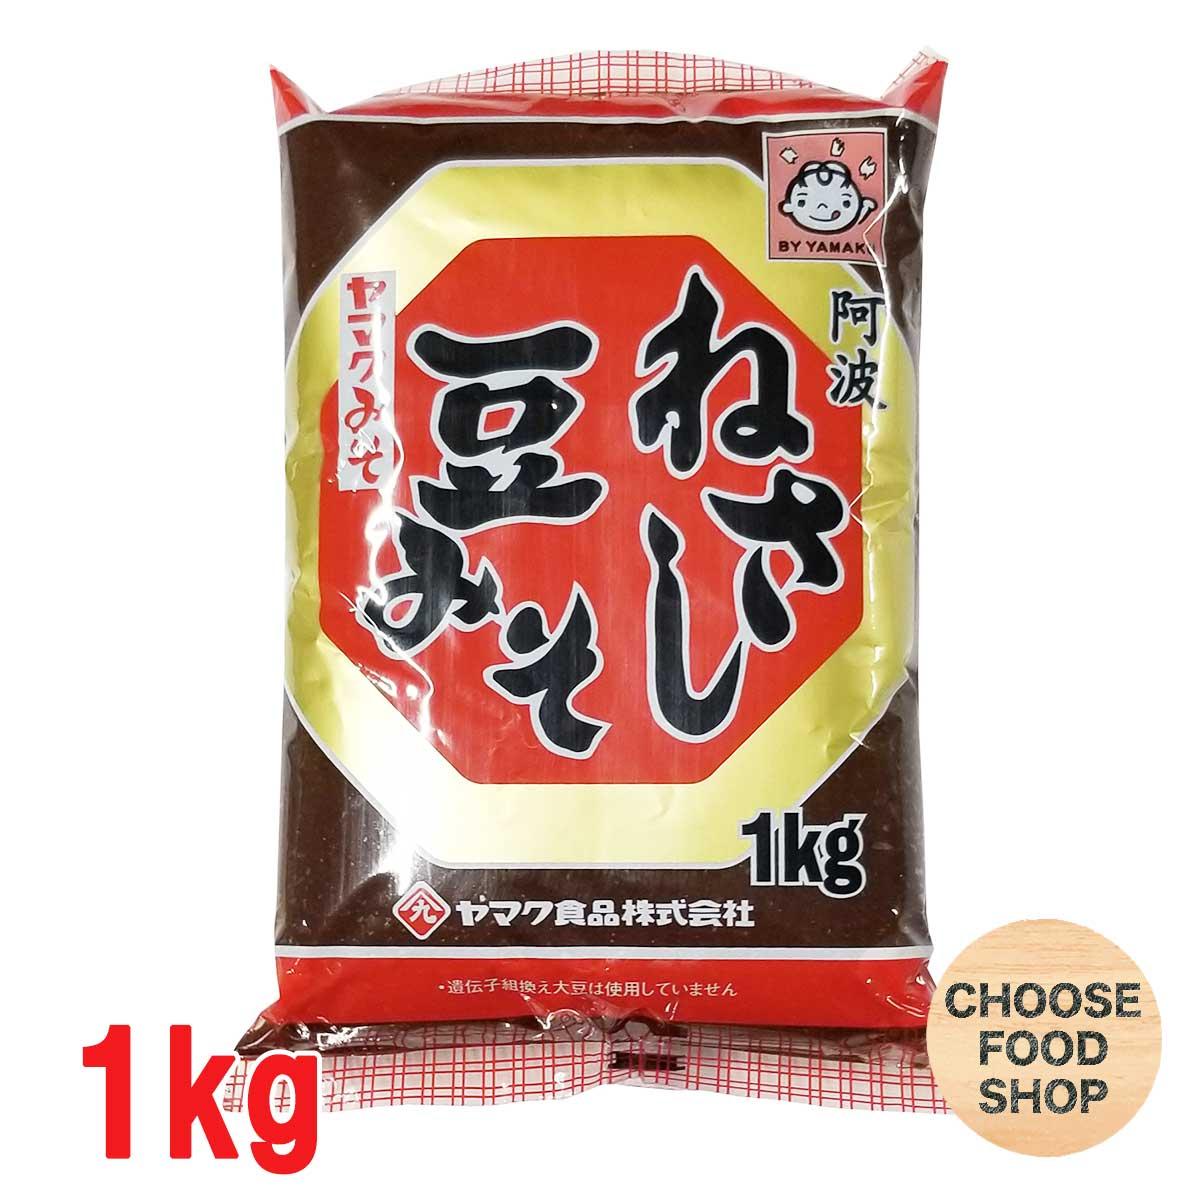 3980円以上で送料無料 大人気! 北海道のお届けはキャンセル致します ヤマク食品 ねさしみそ 地元徳島より発送 国内正規総代理店アイテム 1kg袋 豆味噌